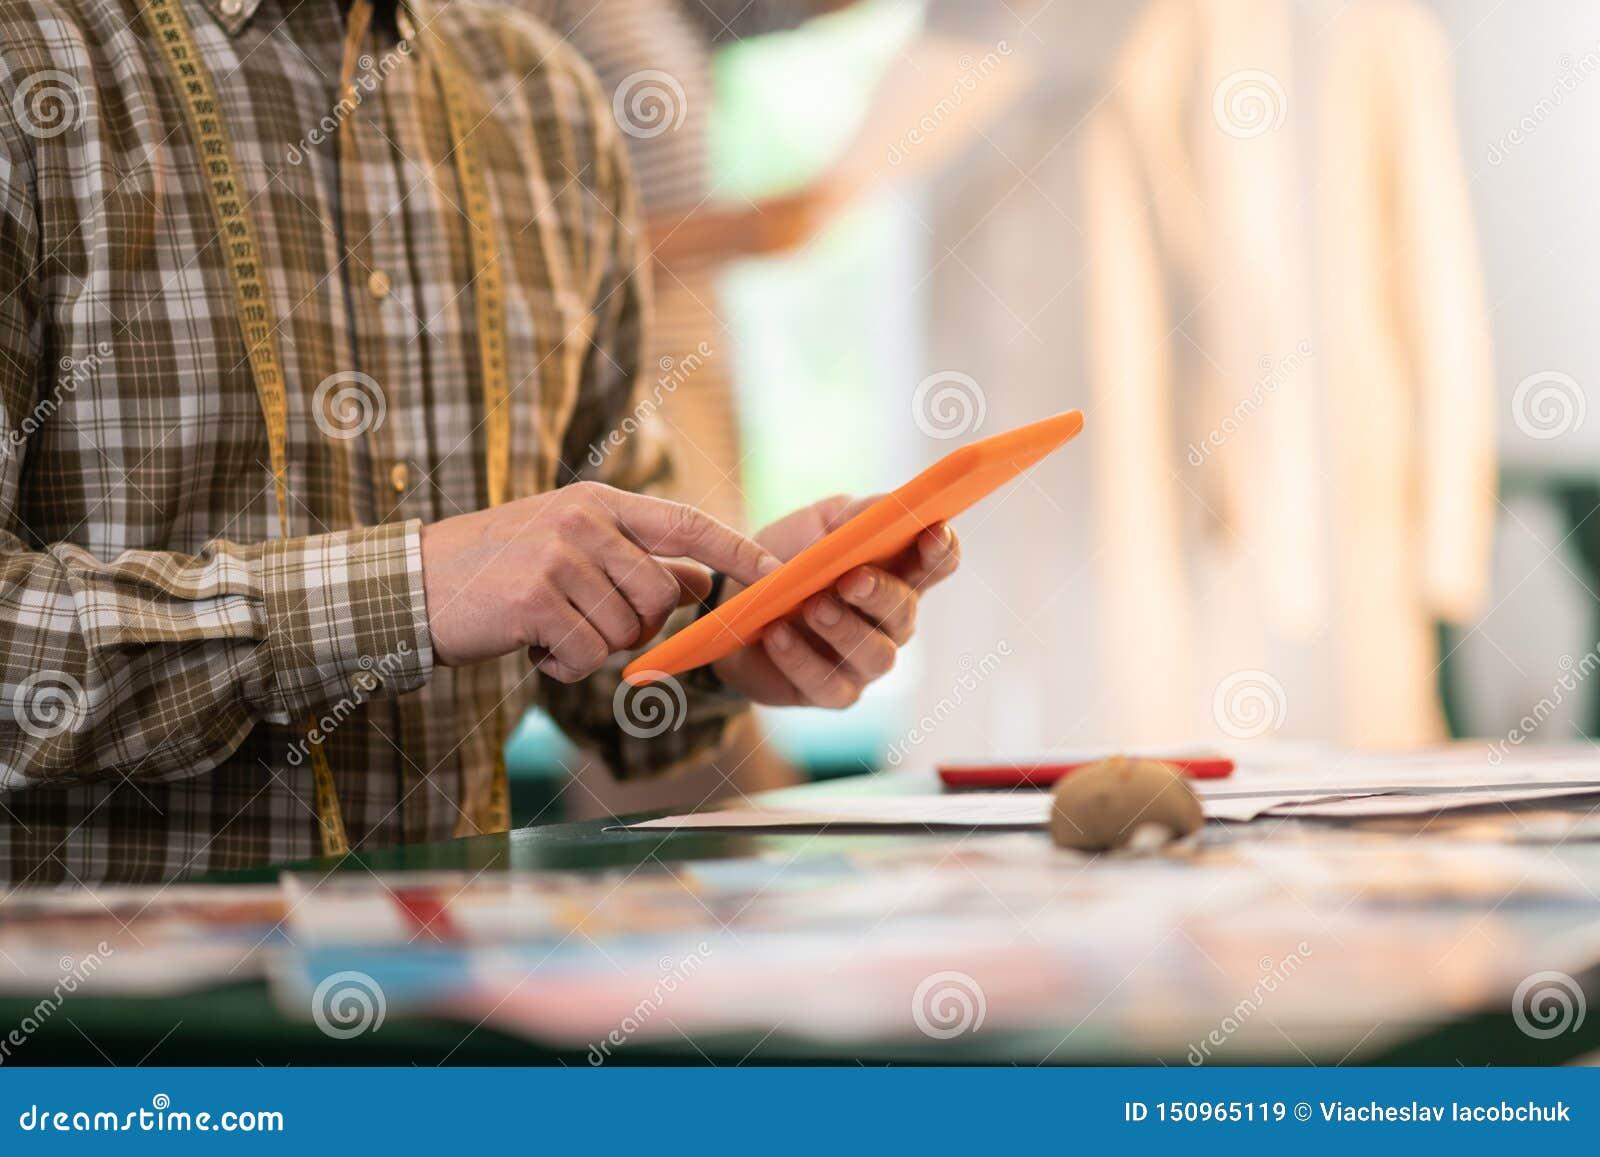 Närbildfoto av mannen som rymmer en minnestavla i händer